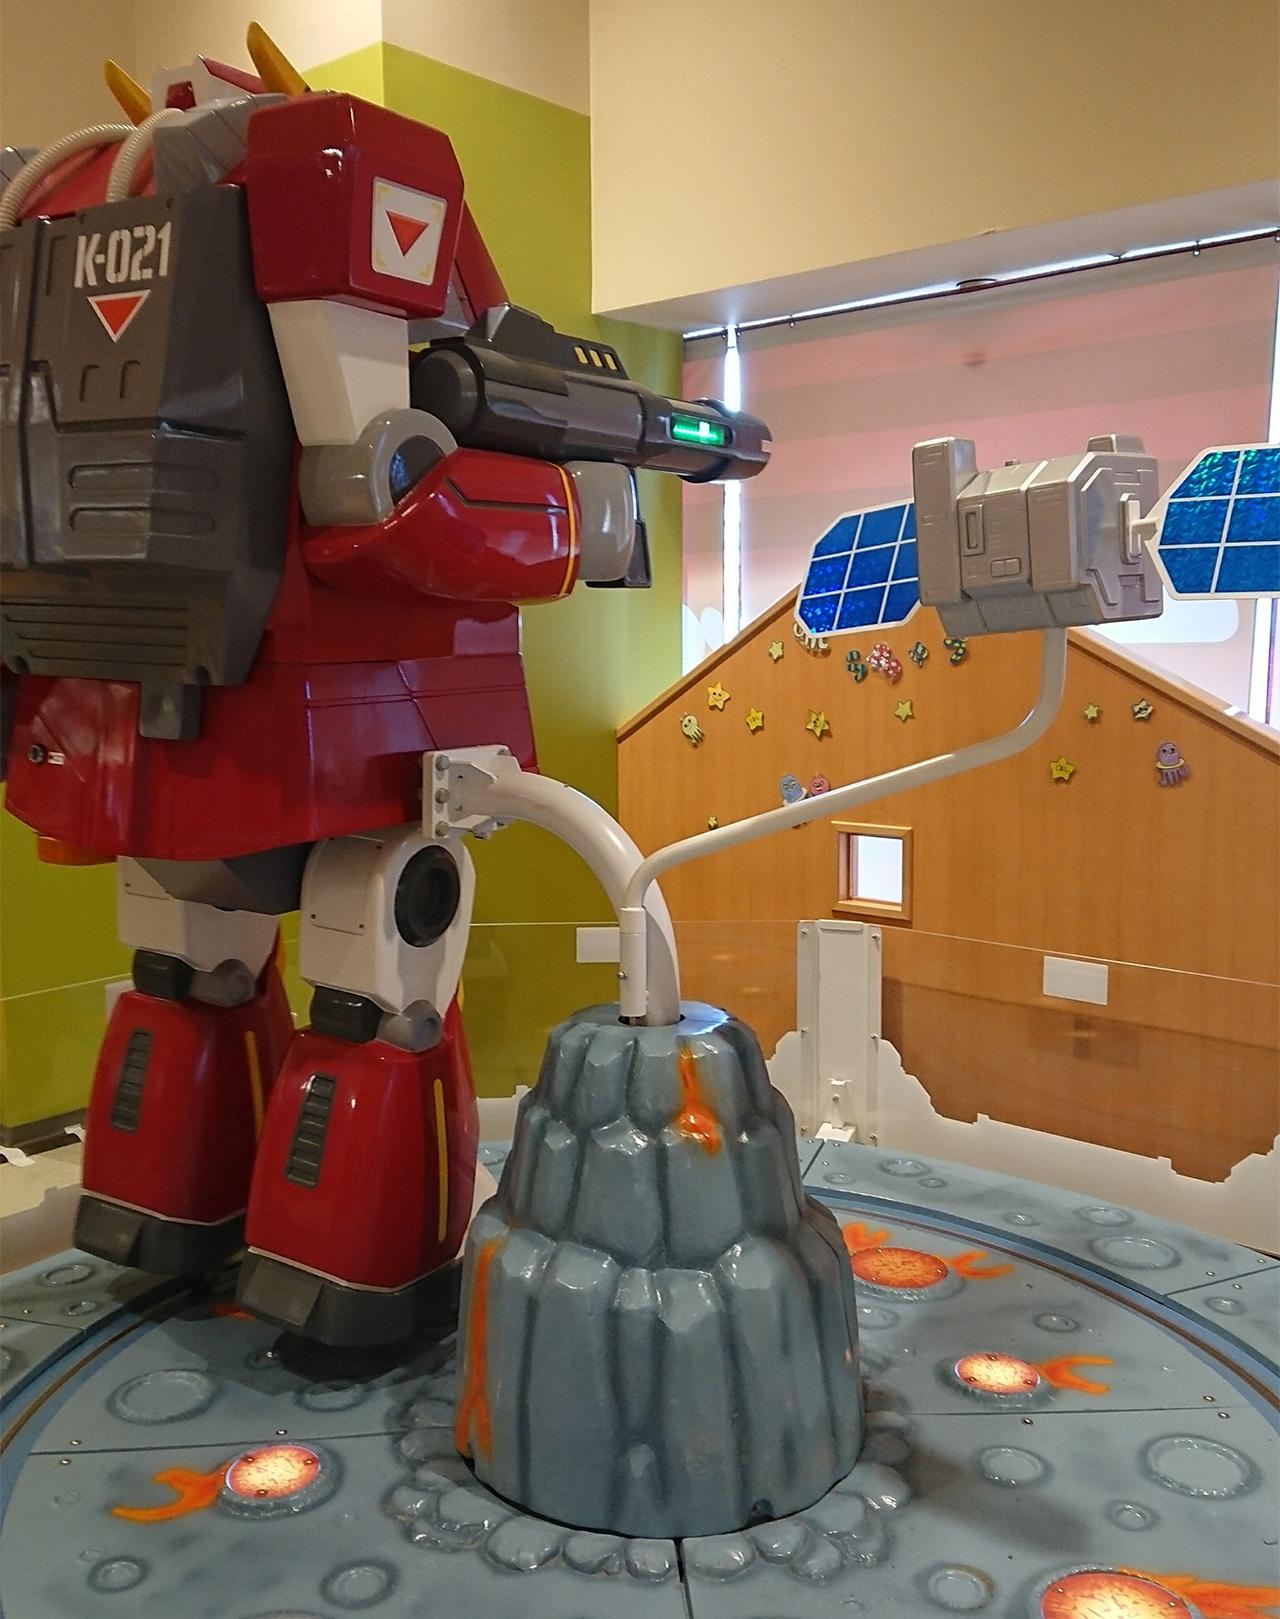 回転する巨大ロボットの写真